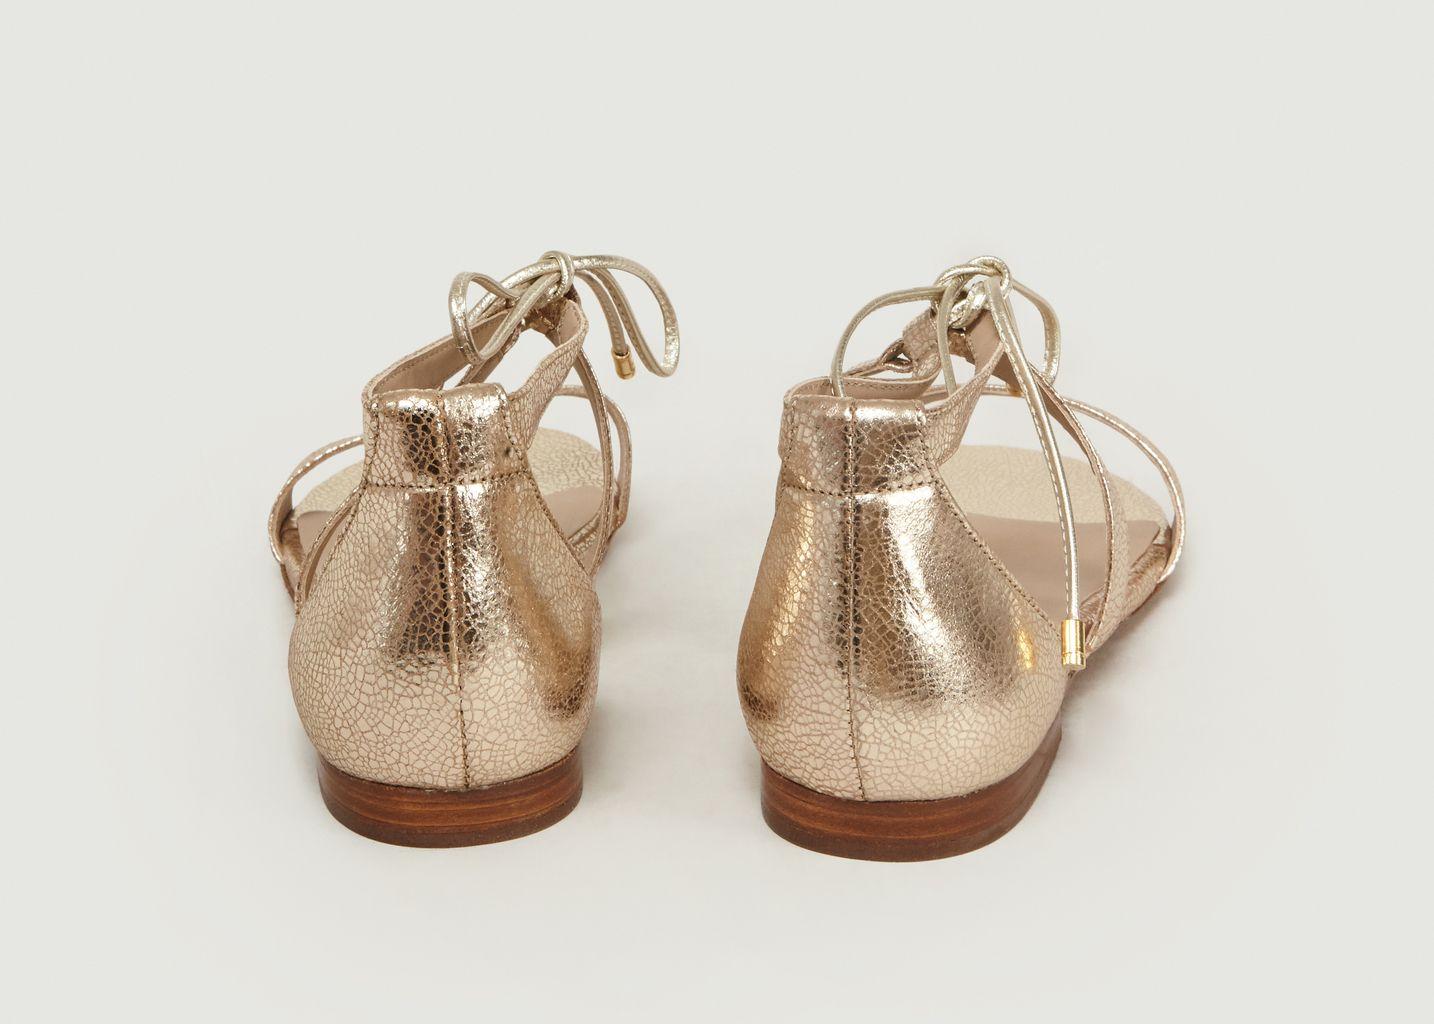 Sandales En Cuir Aphrodite - Bobbies Paris